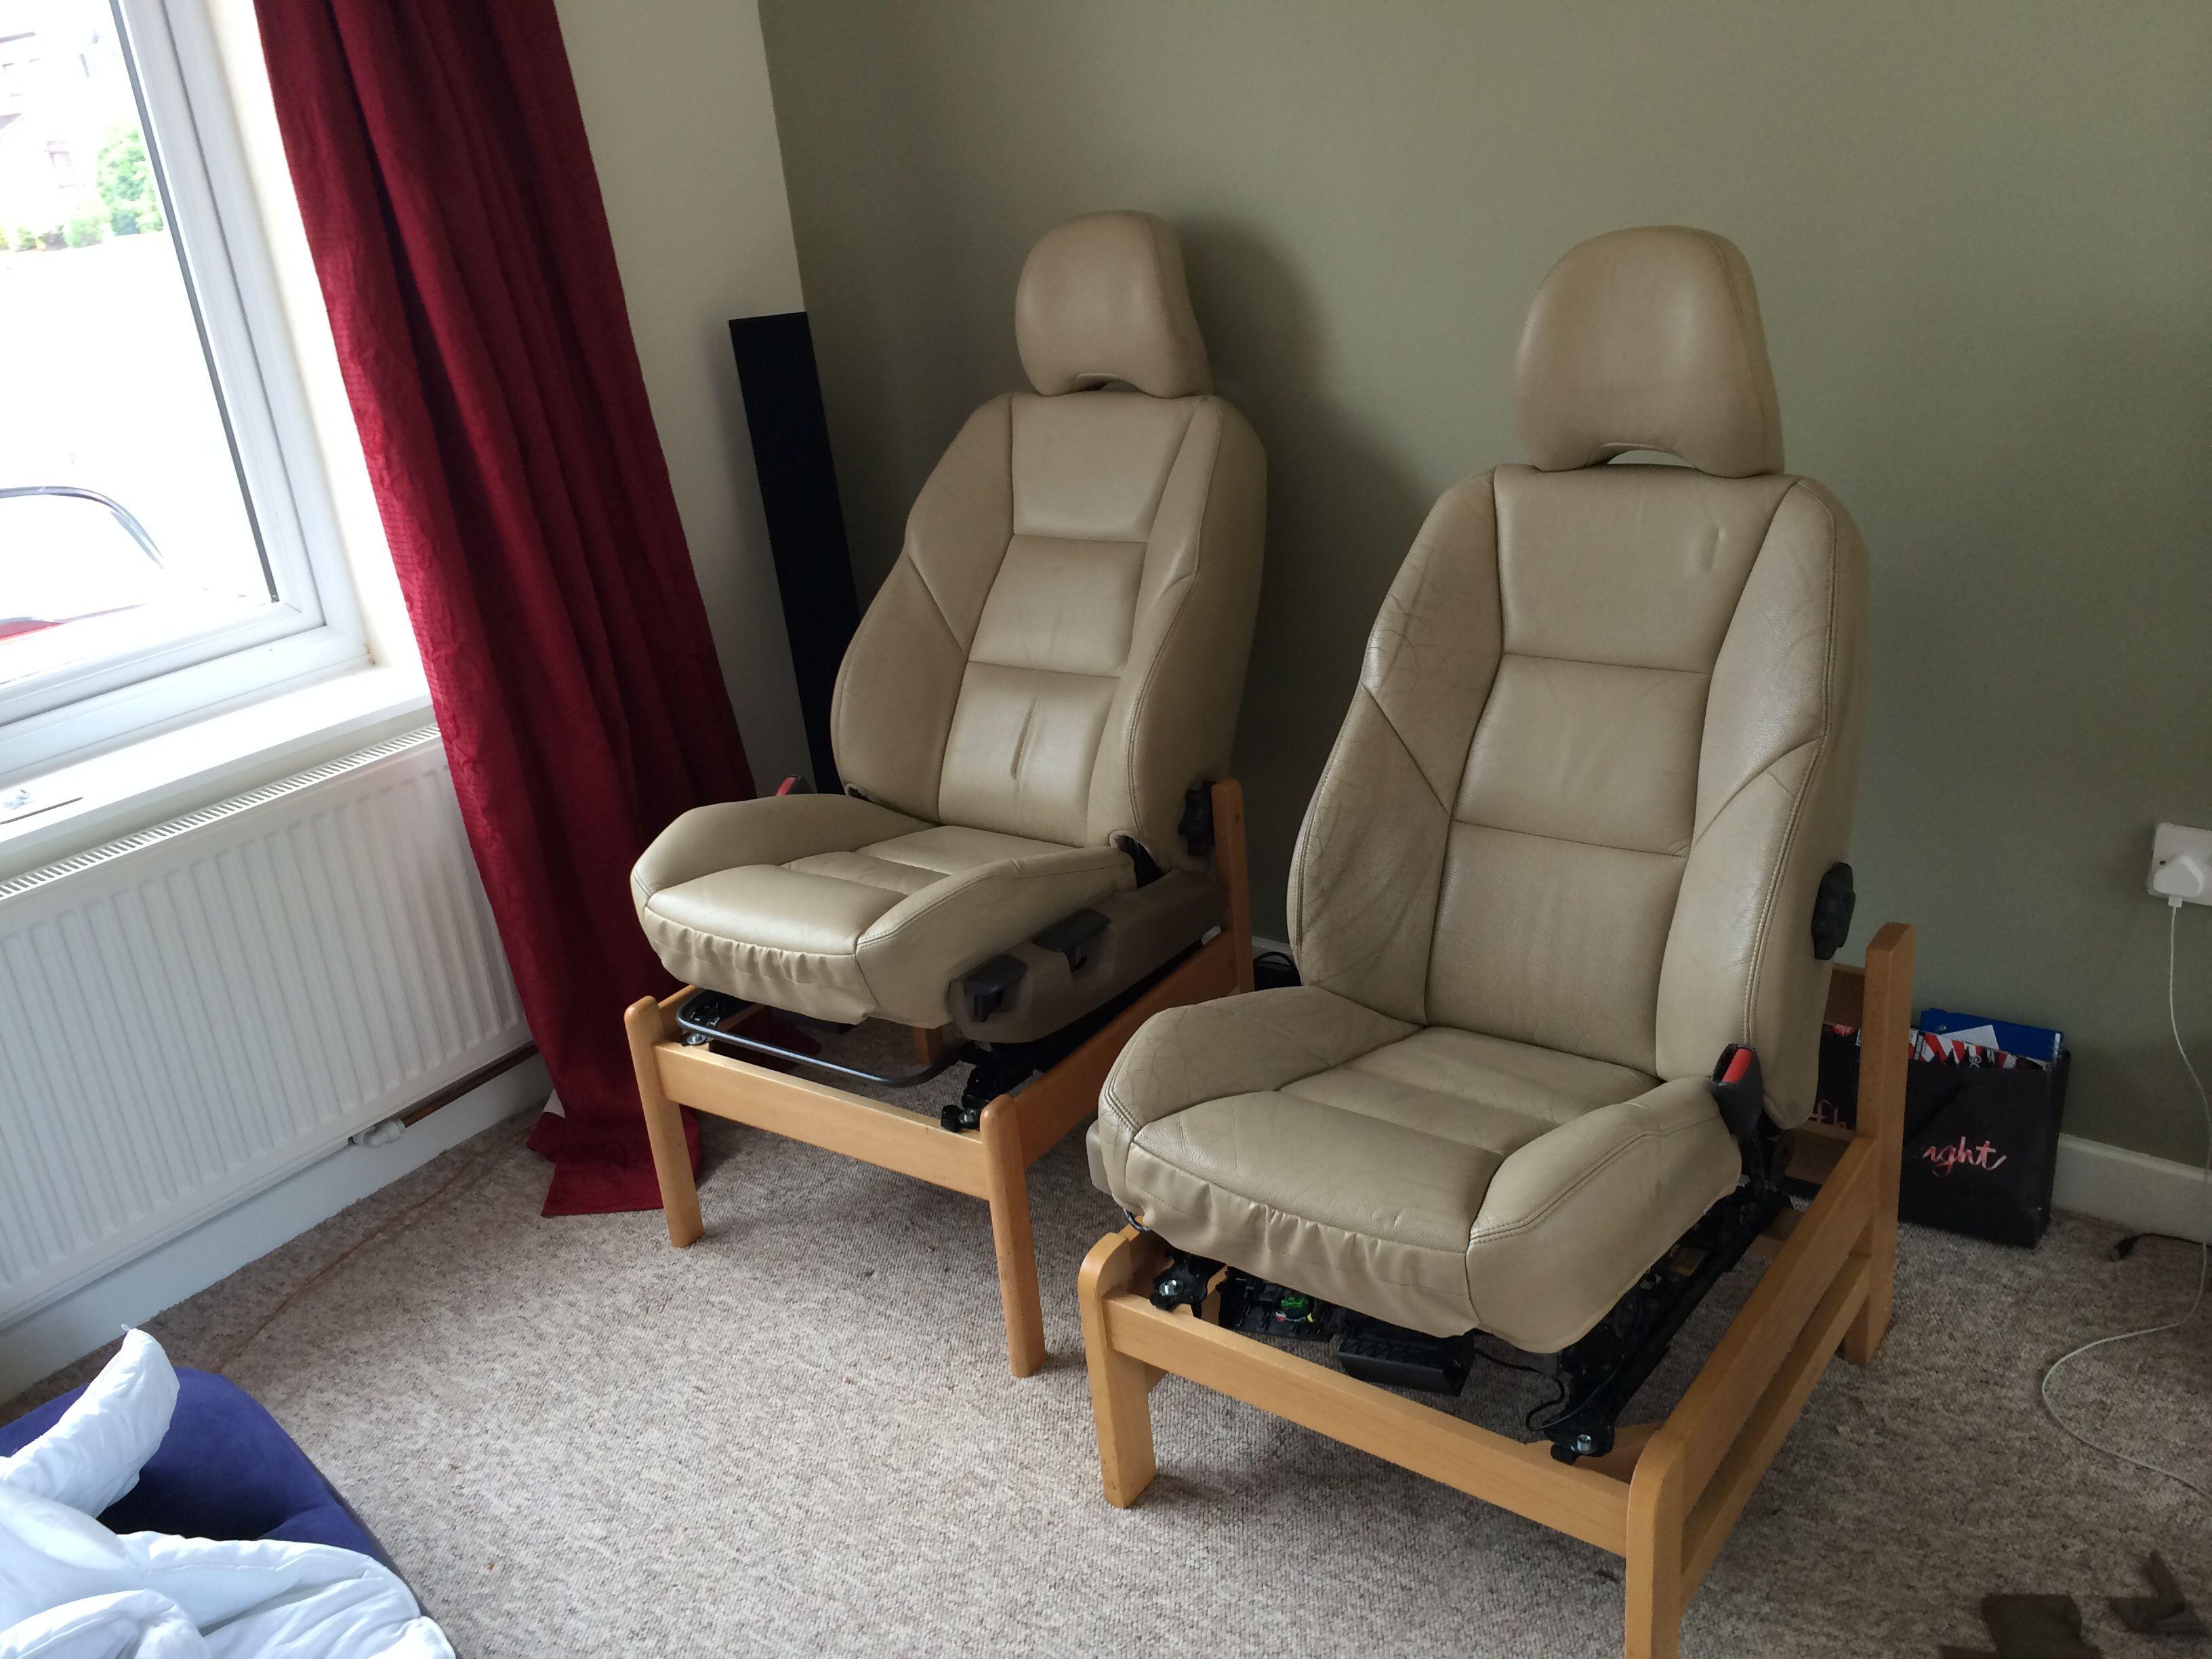 Home made car seat chairs. So comfy #homeofficeideasformen